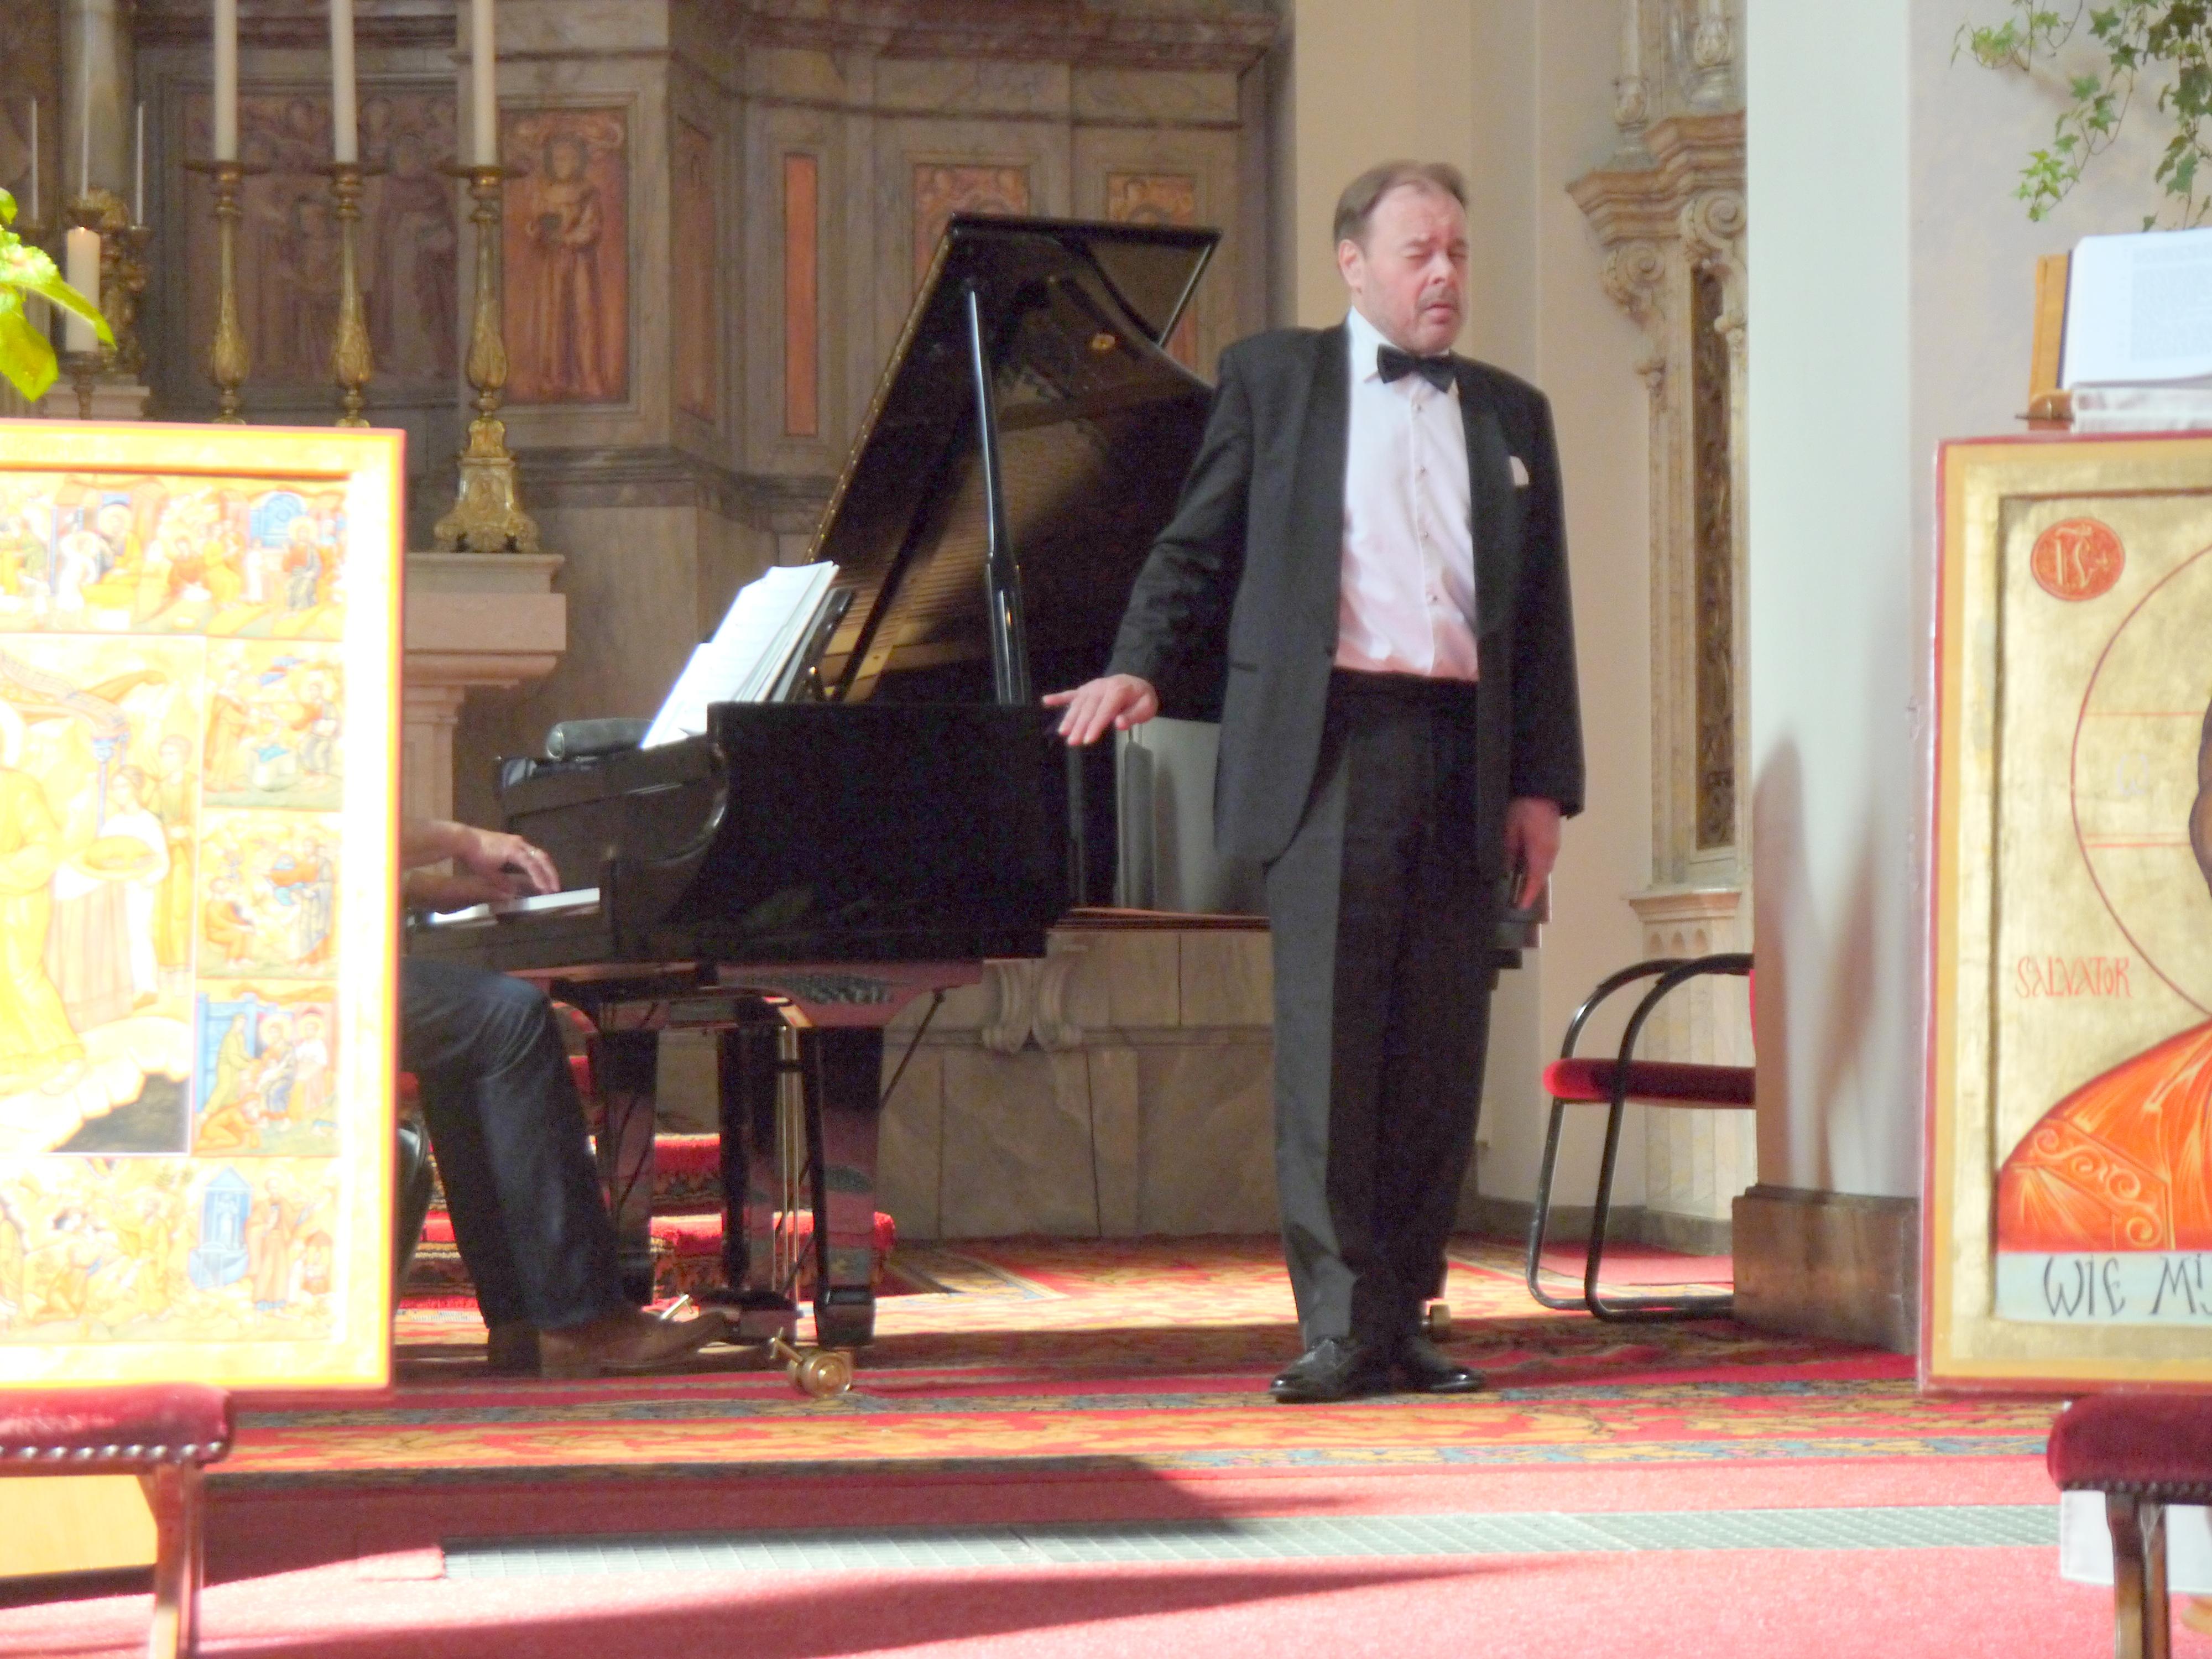 Bob Bullee zong the Exodus omdat we allemaal op weg zijn en Lan Luiten begeleidde hem op de piano.